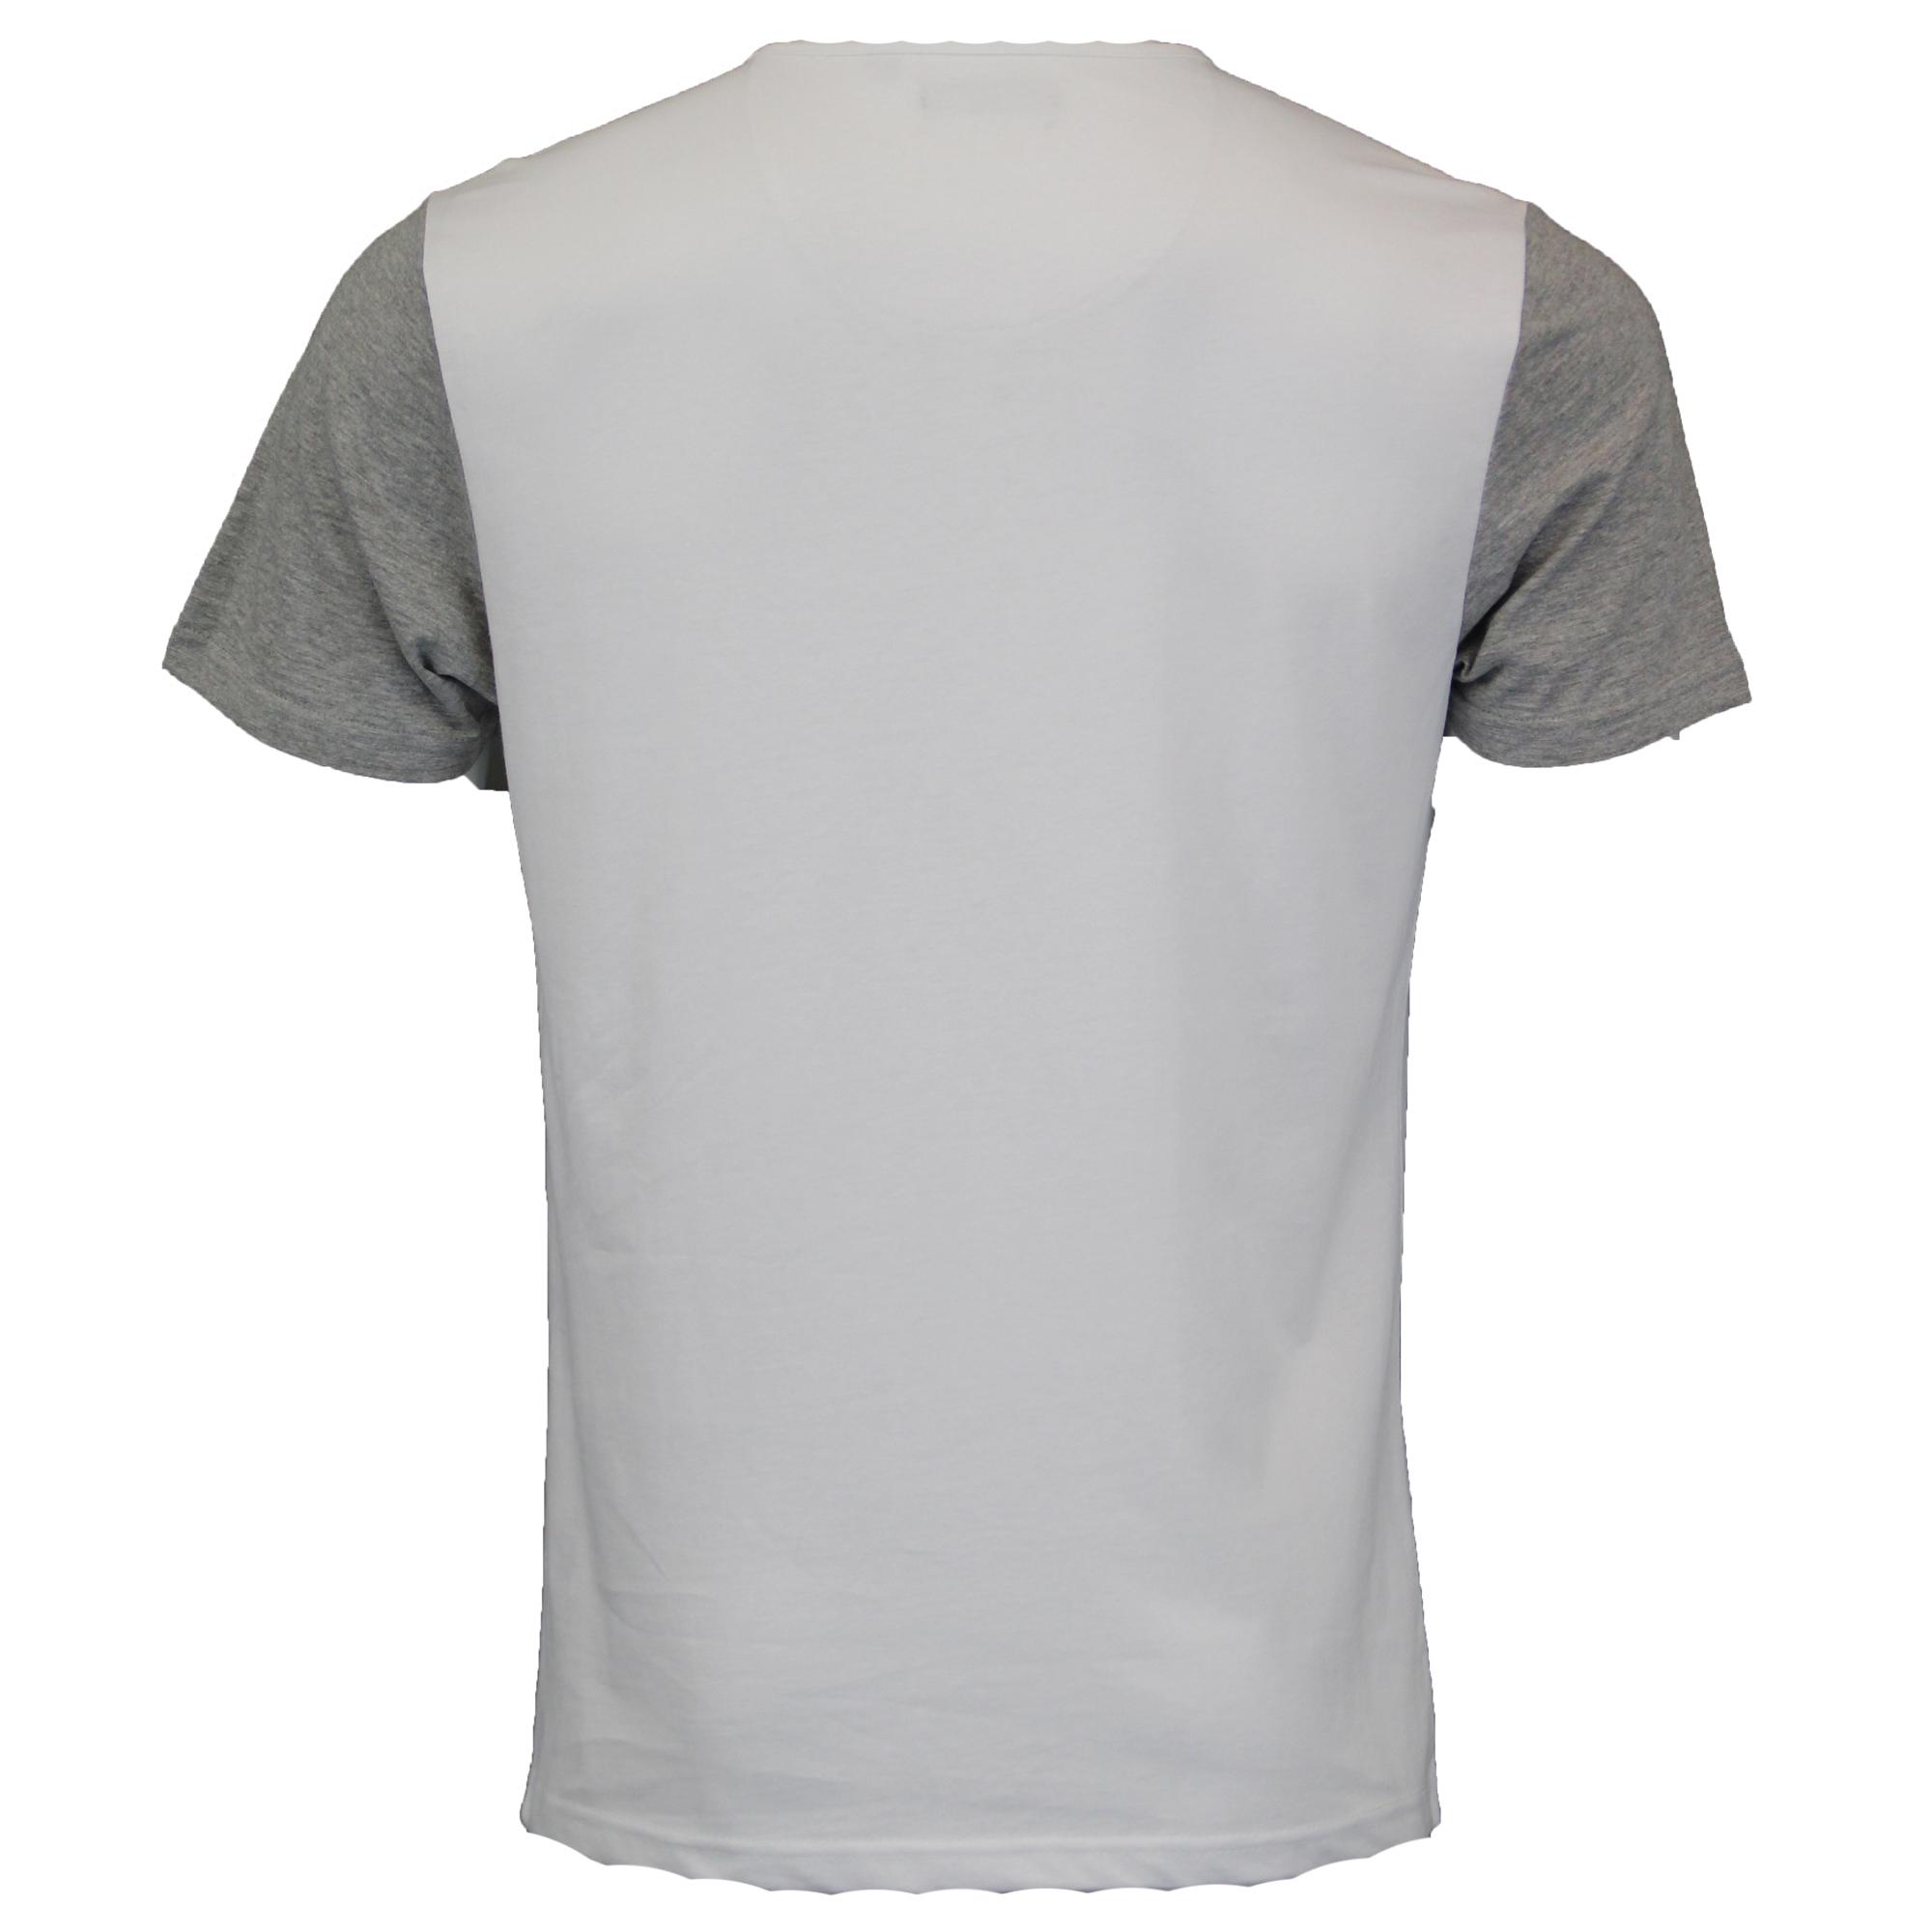 33e9365c Mens T Shirt Brave Soul Short Sleeved Civil Cotton Top Grandad Neck ...